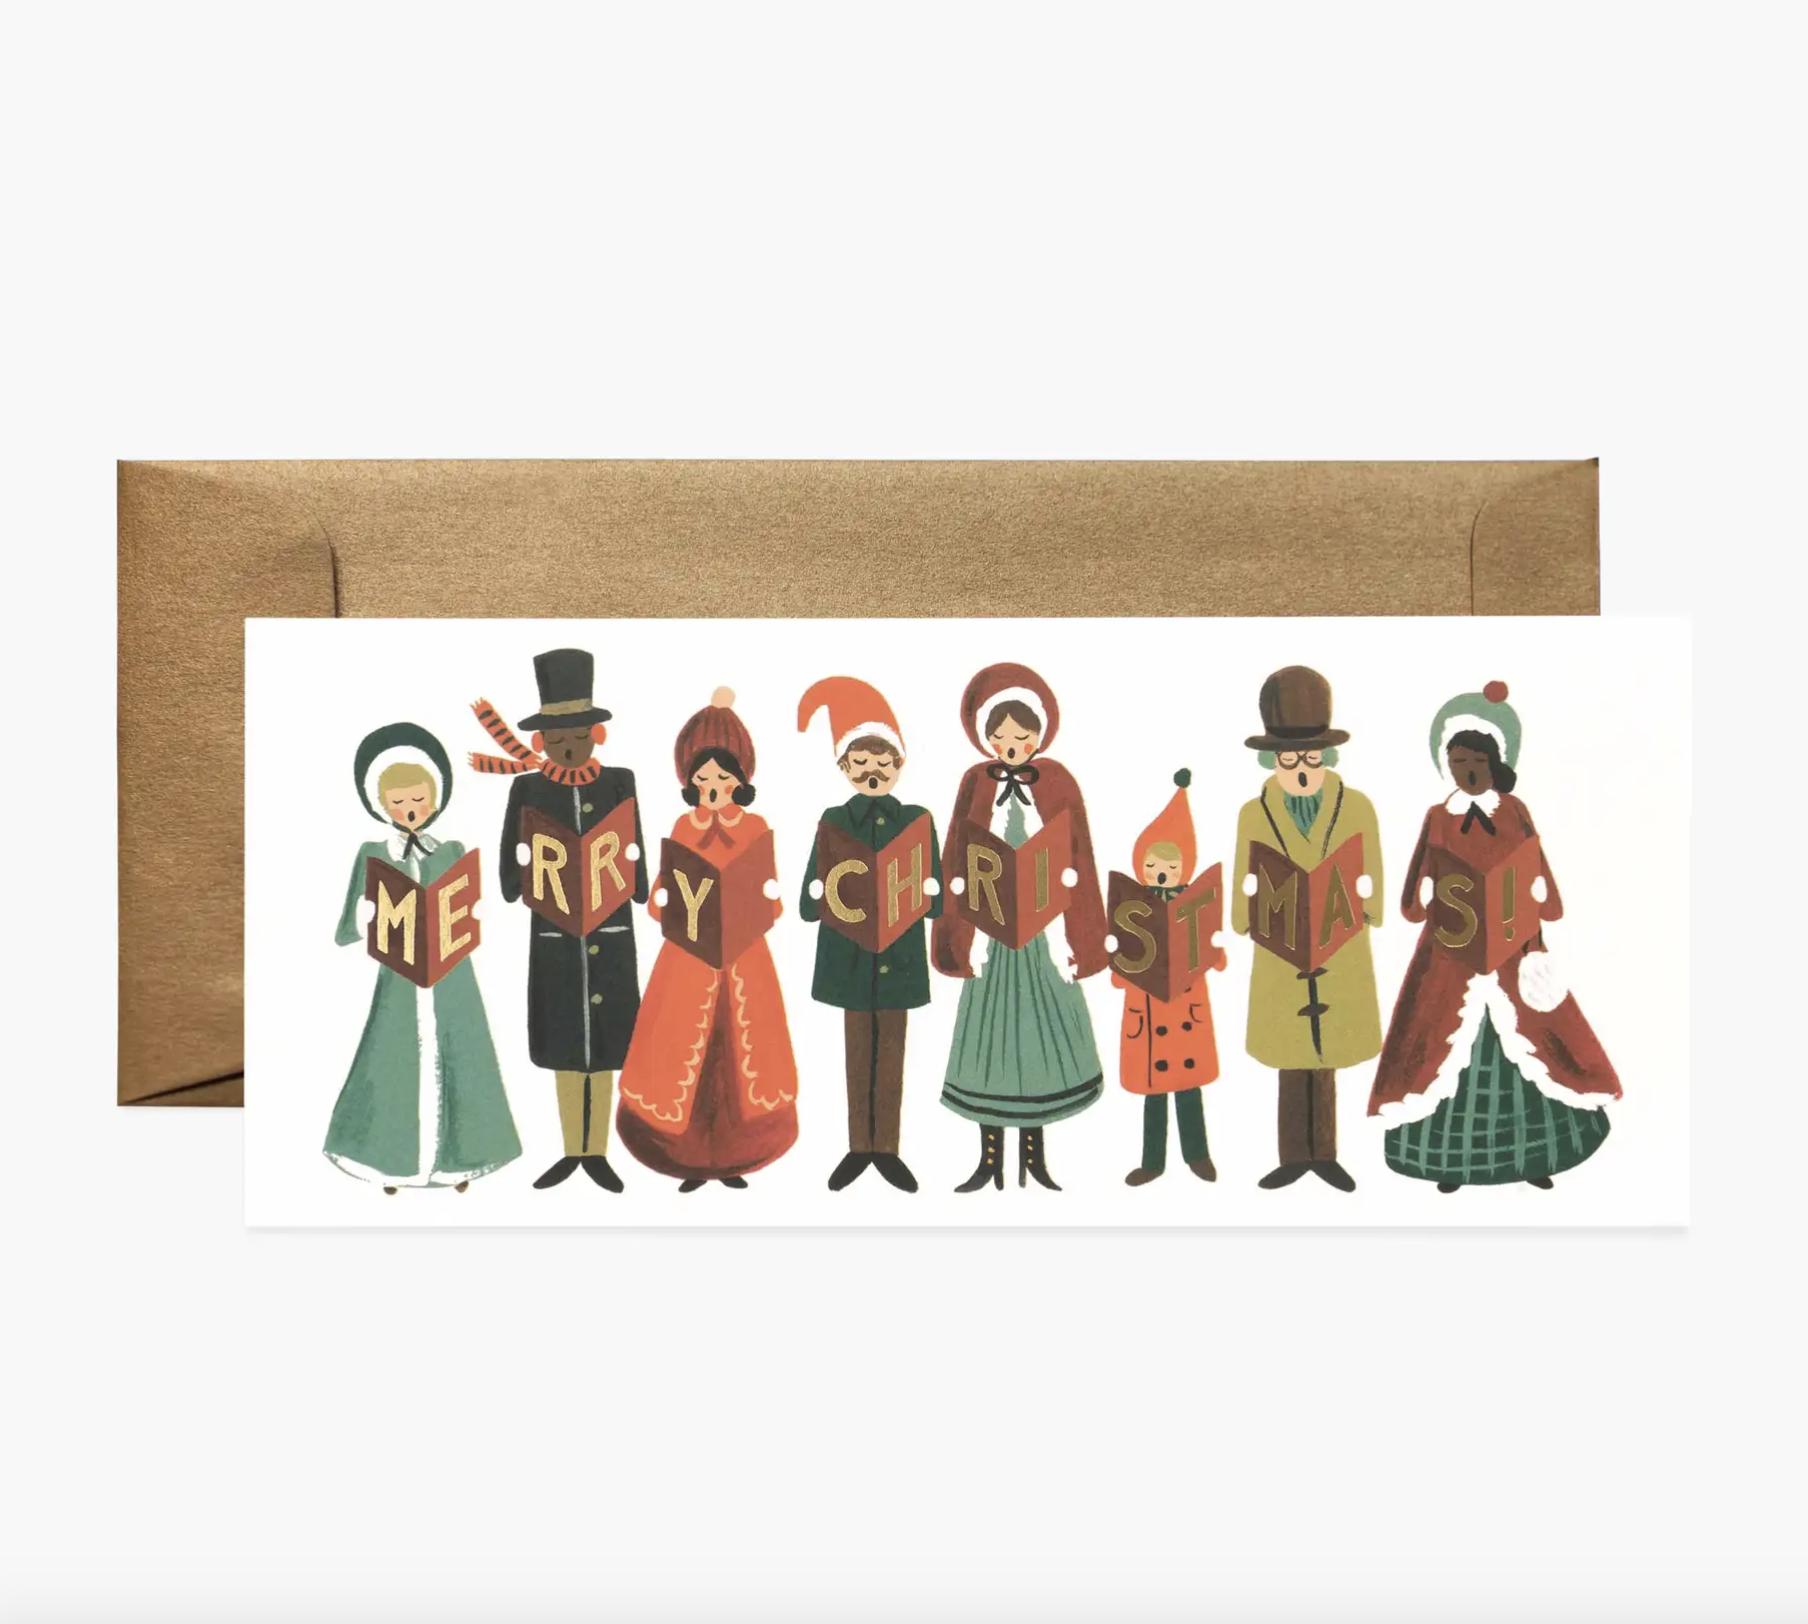 JULEKORT - Carolers Christmas Card